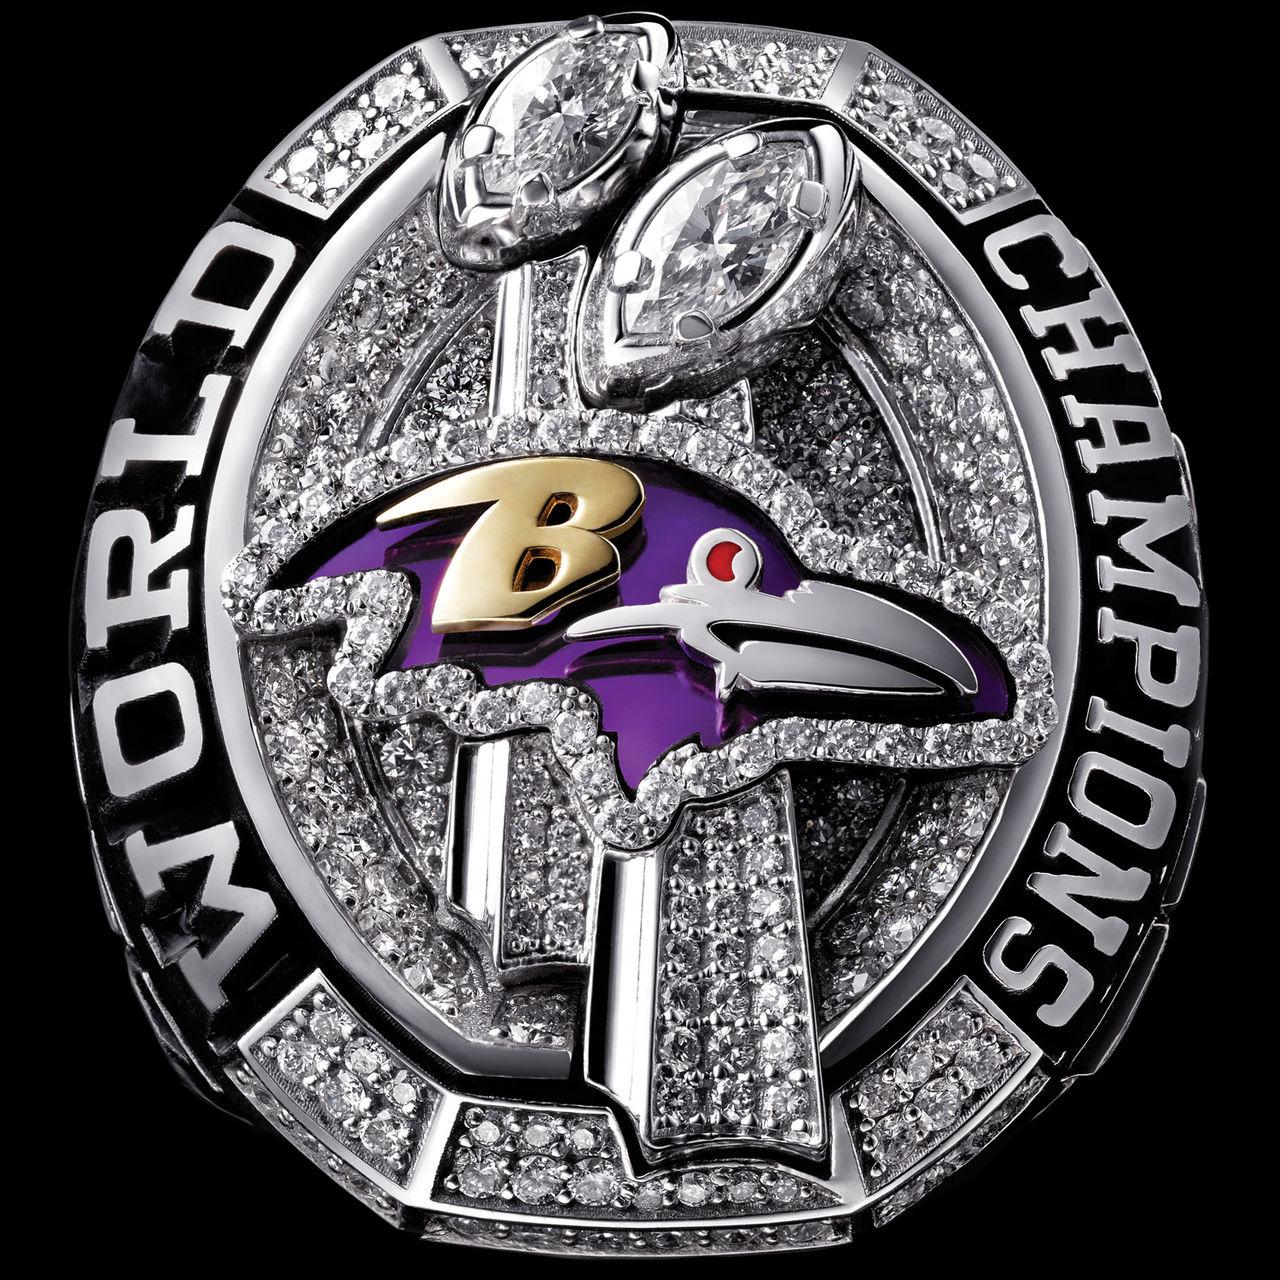 Baltimore Ravens 2013 champions ring